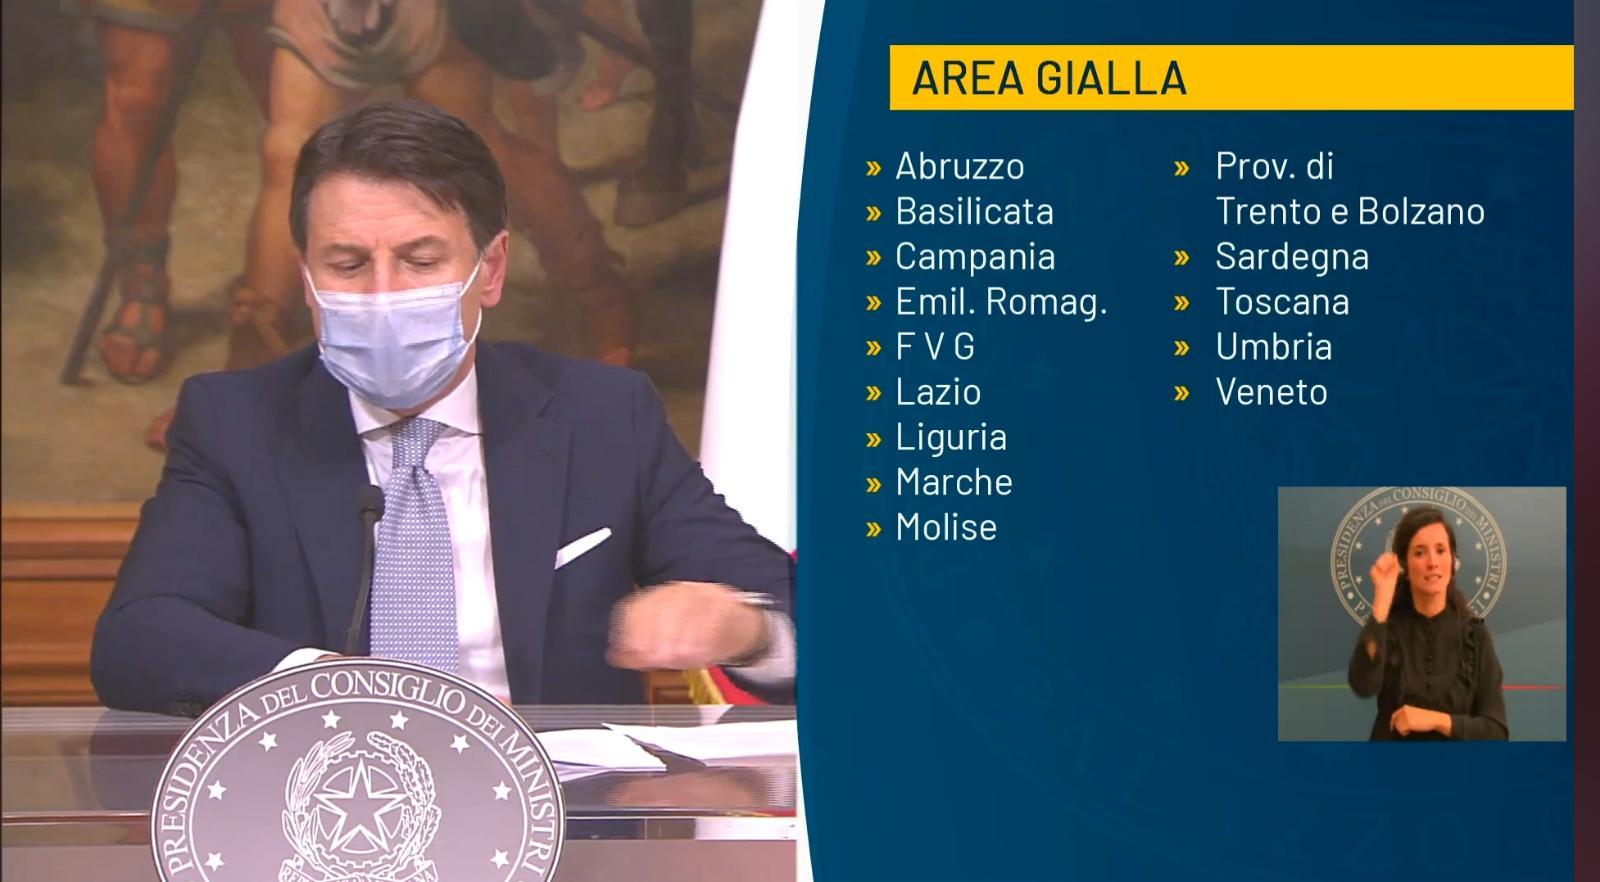 Conte Area Gialla